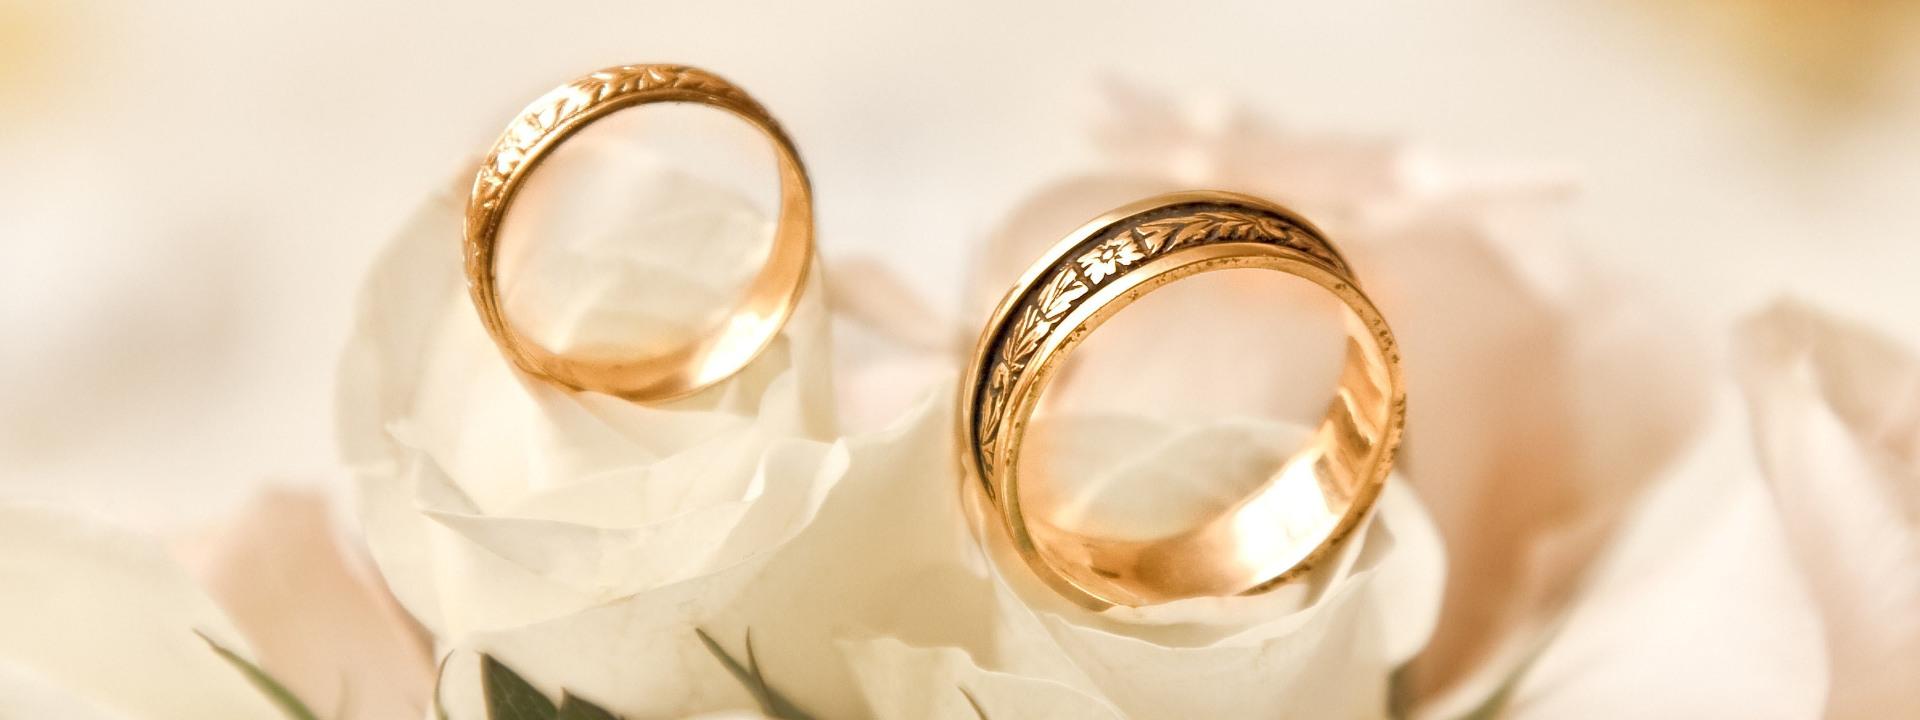 2a13a94c103e Los anillos de oro están esta temporada más de moda que nunca ¿desea poder  elegir entre muchos diseños  En «Brazaletes y sortijas» tenemos un montón  de ...